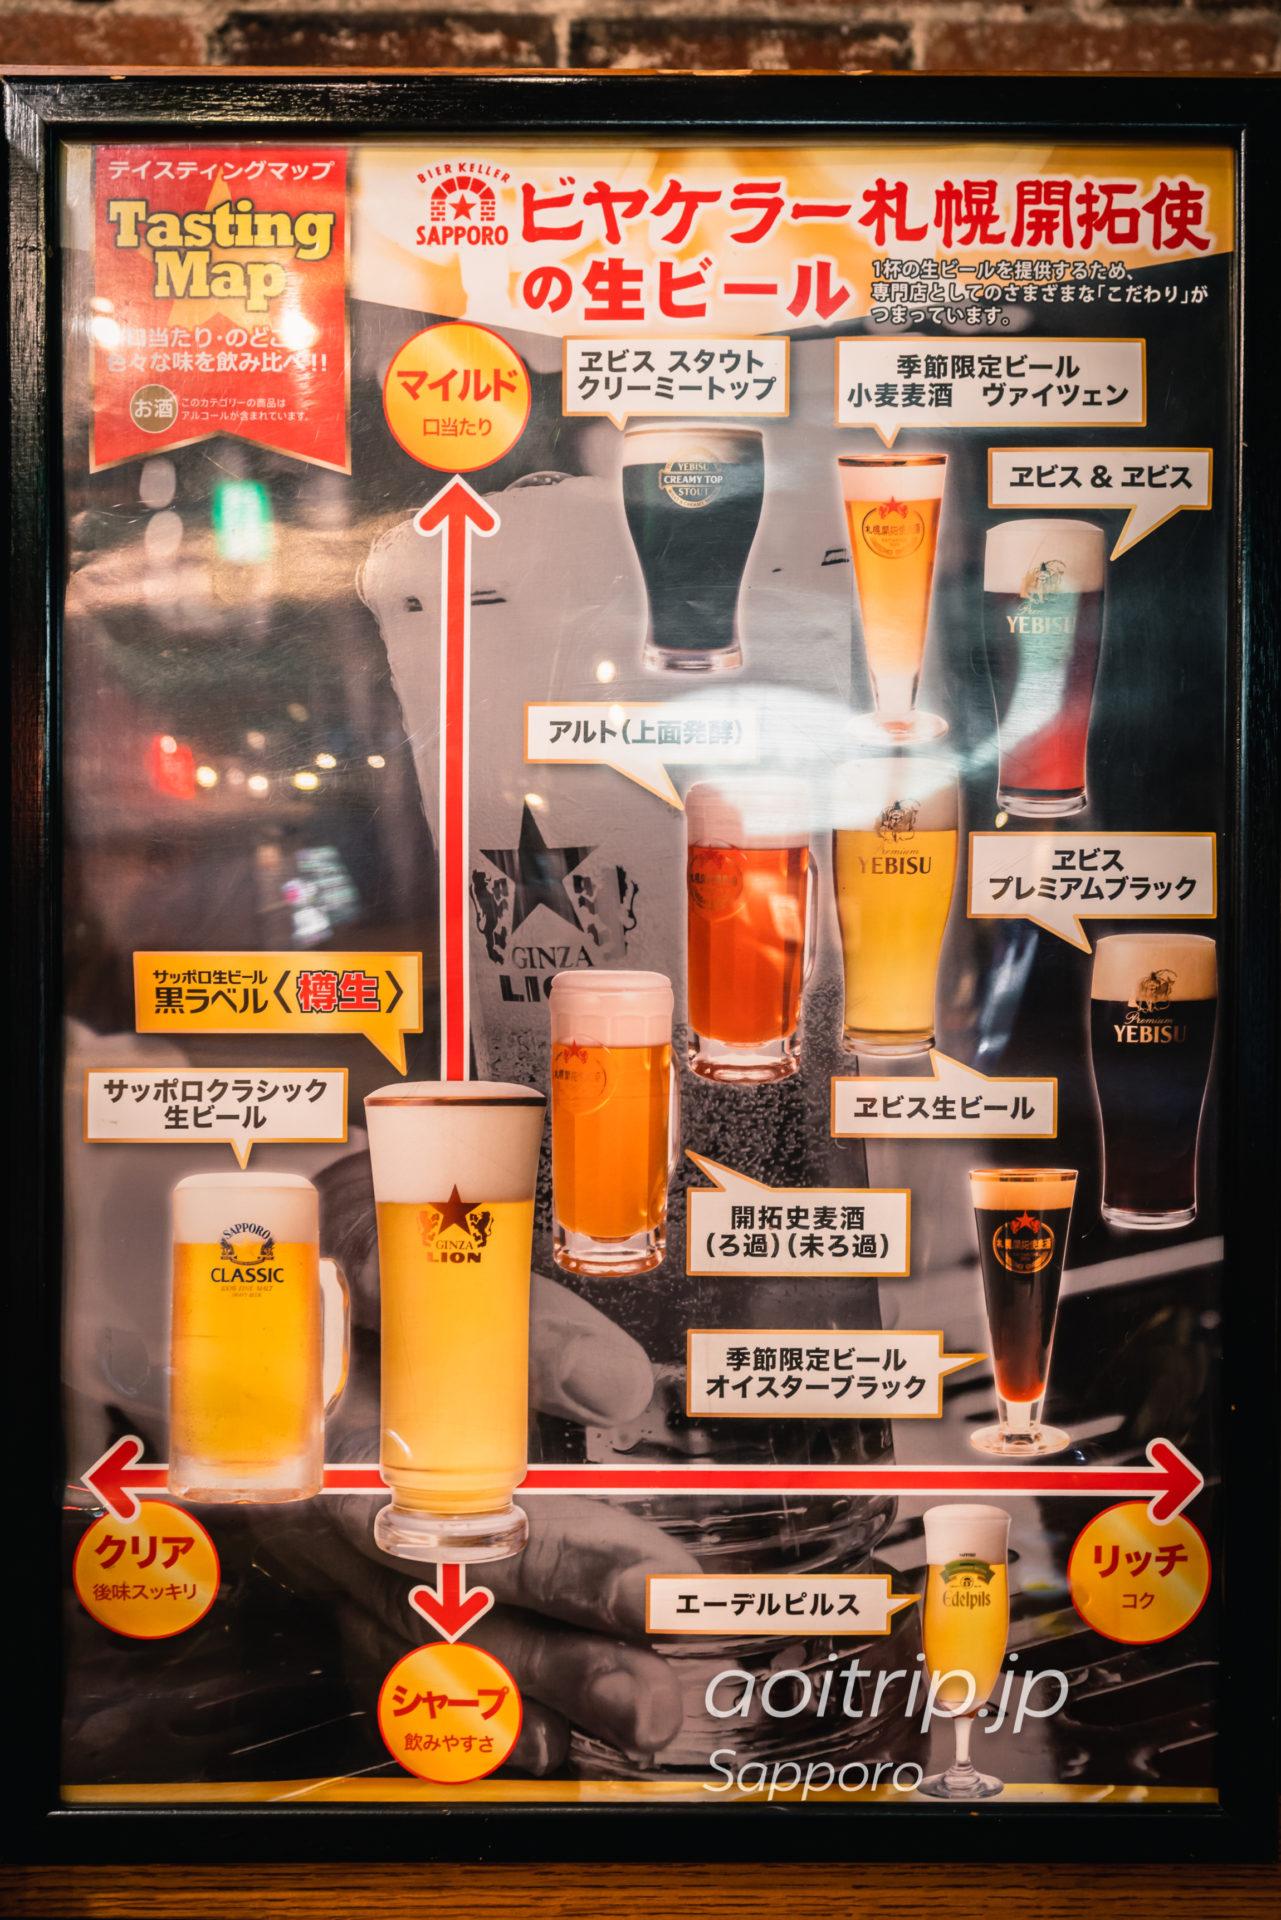 ビヤケラー札幌開拓使のビール